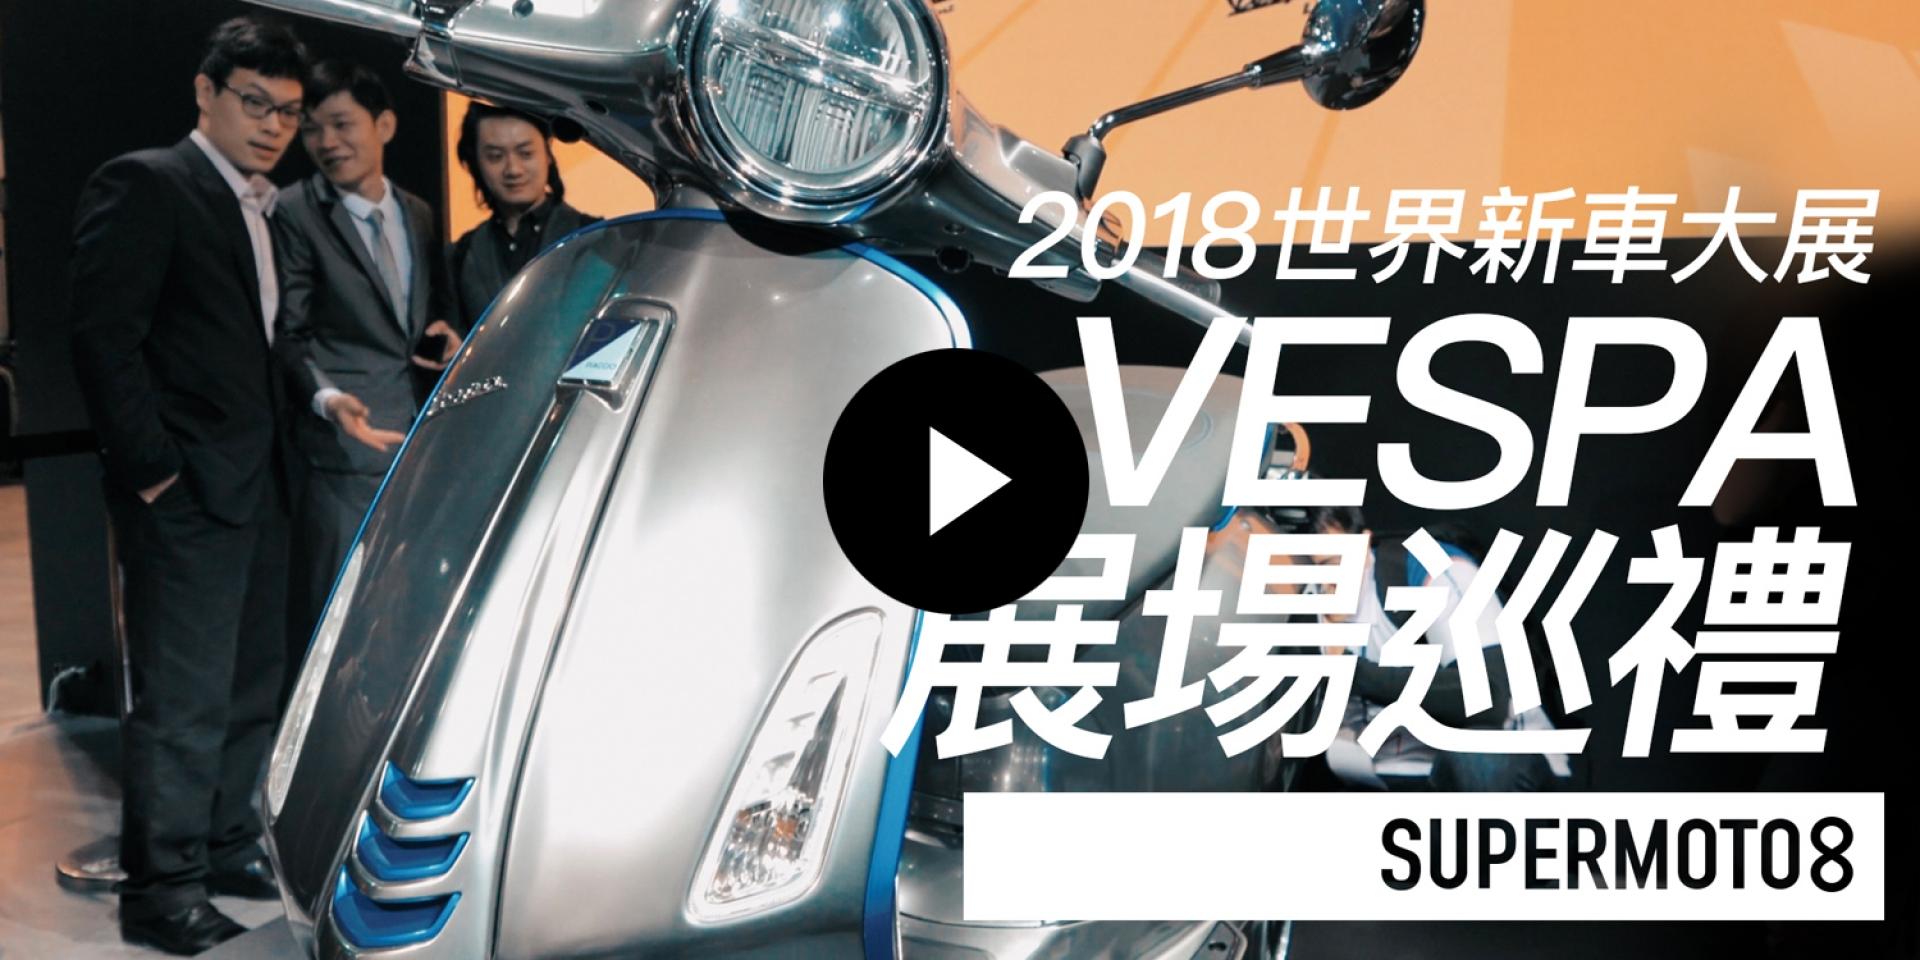 2018世界新車大展。VESPA展場巡禮